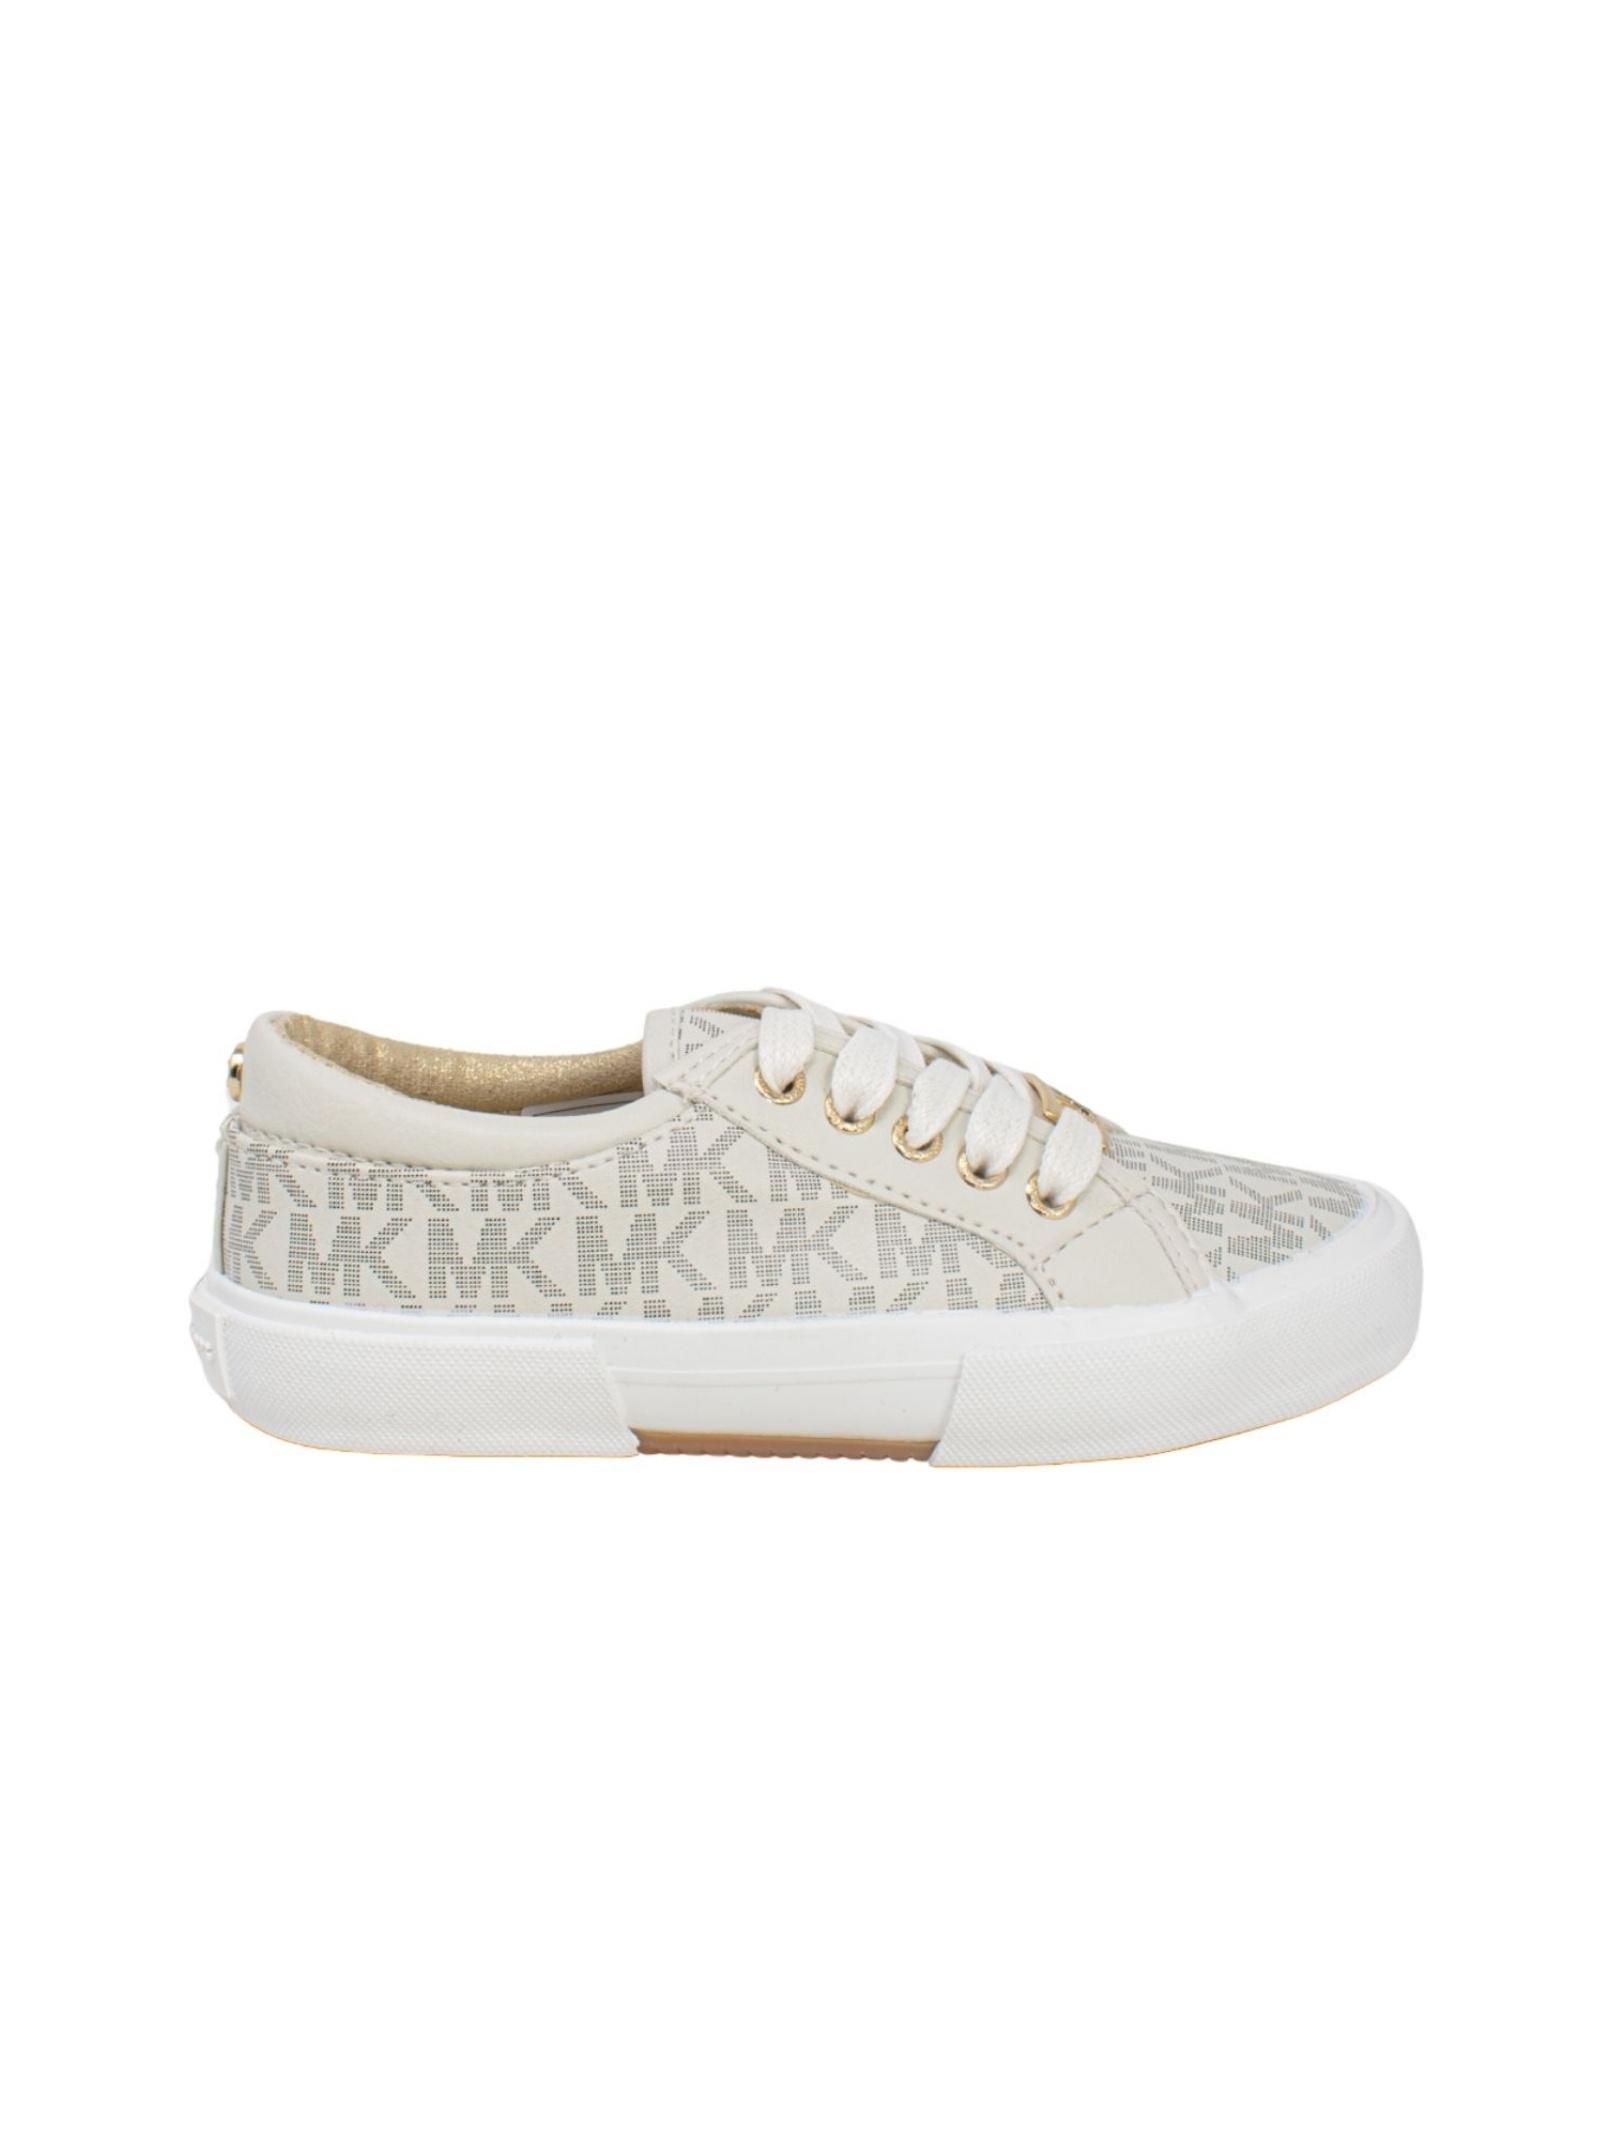 Sneakers Bambina Ima Rebel Vanilla MICHAEL KORS JUNIOR | Sneakers | MK100013VANILLA